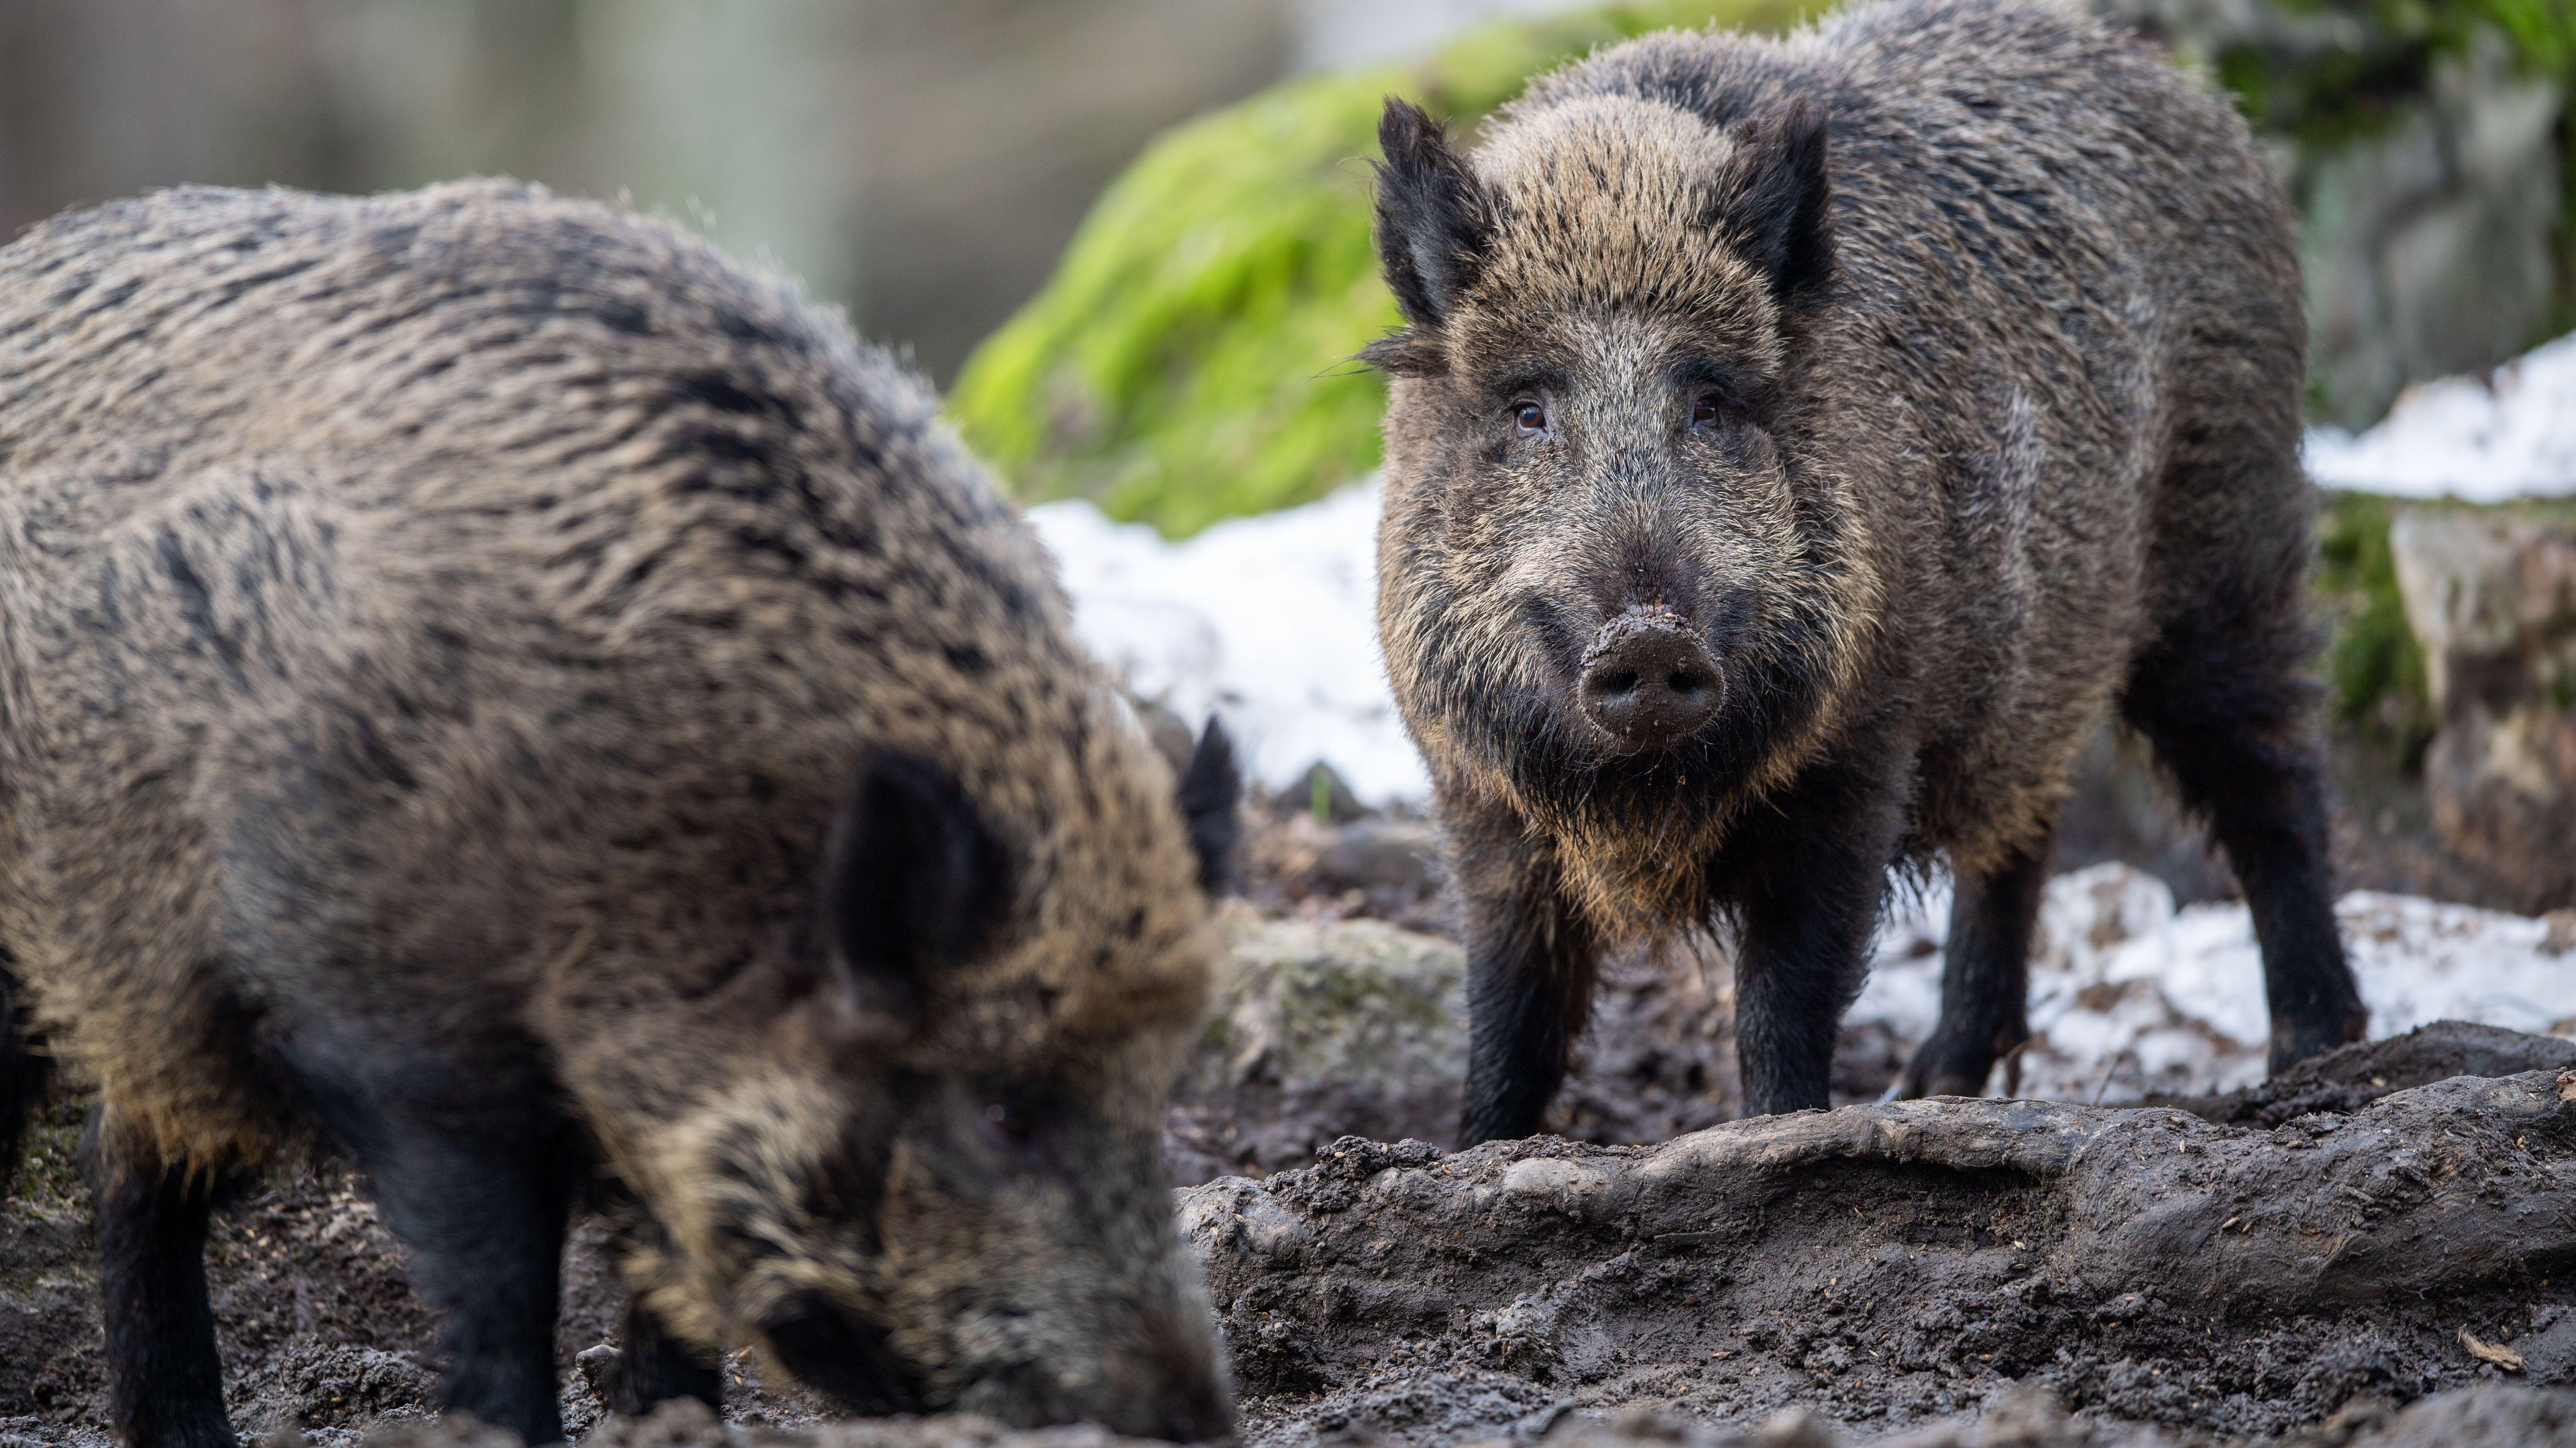 Bayern, Neuschönau: Zwei Wildschweine steht auf einem Plateau im Wald